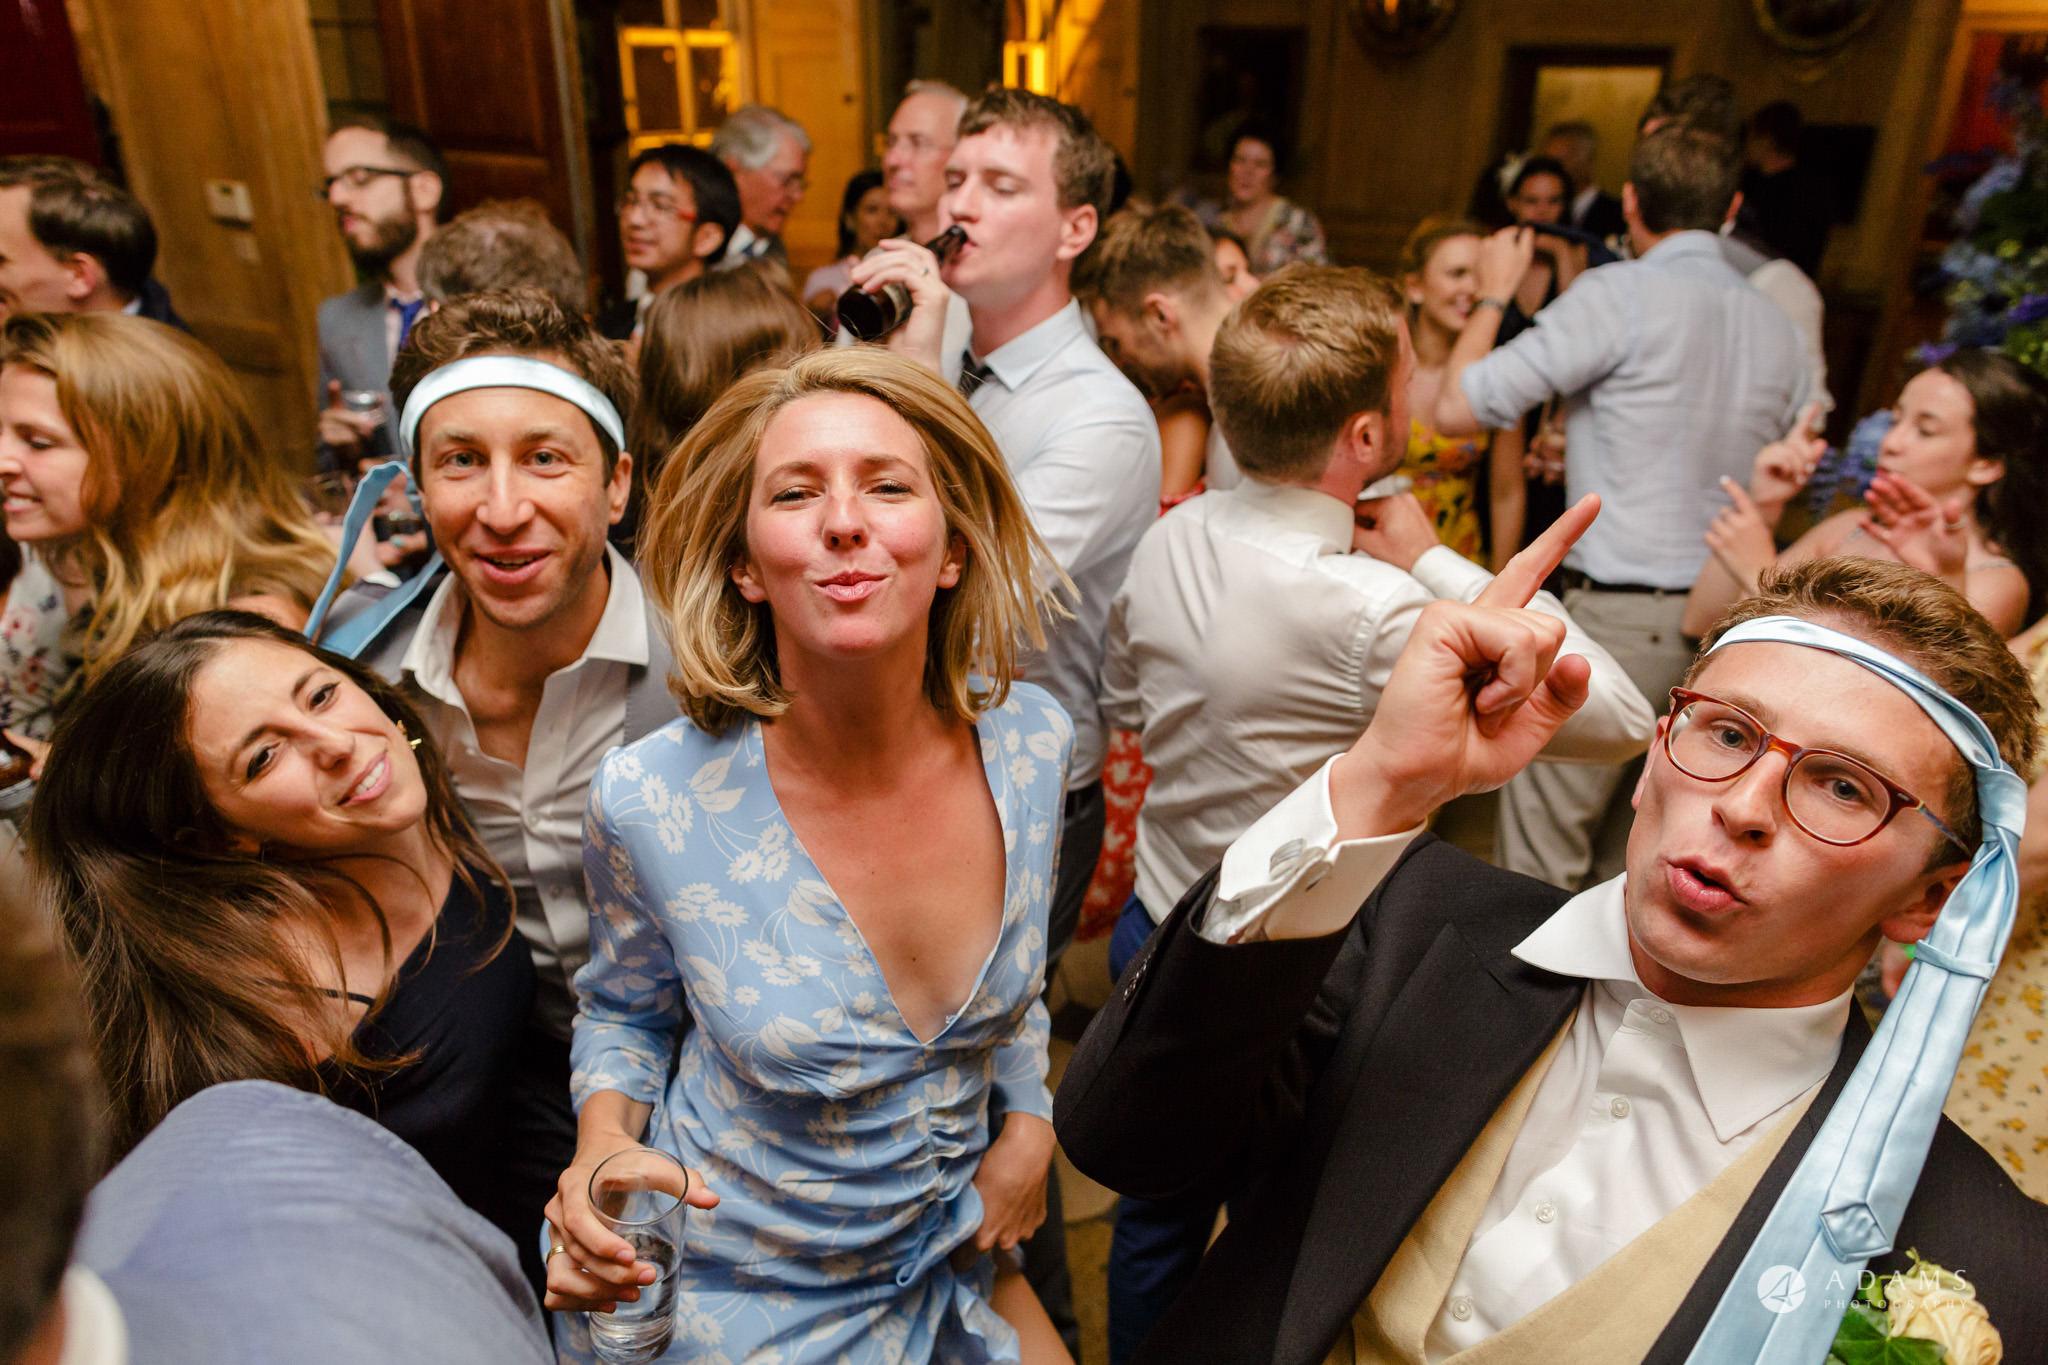 Trinity College Cambridge wedding party dancing